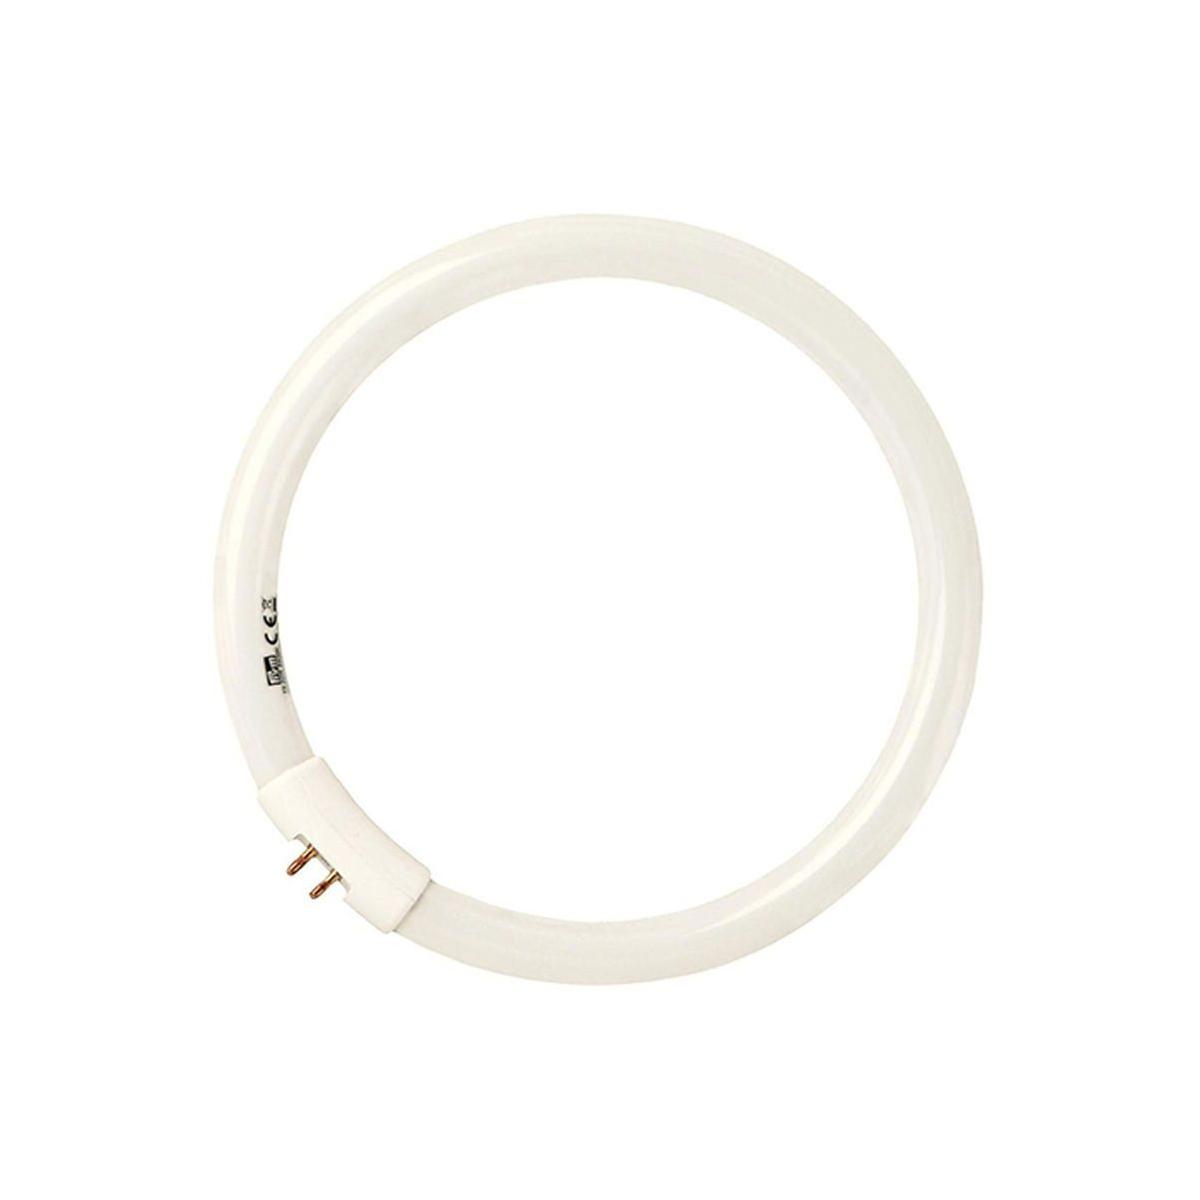 Запасная лампа для лупы 610713 Prym. 6107167710989Кол-во : 1шт.